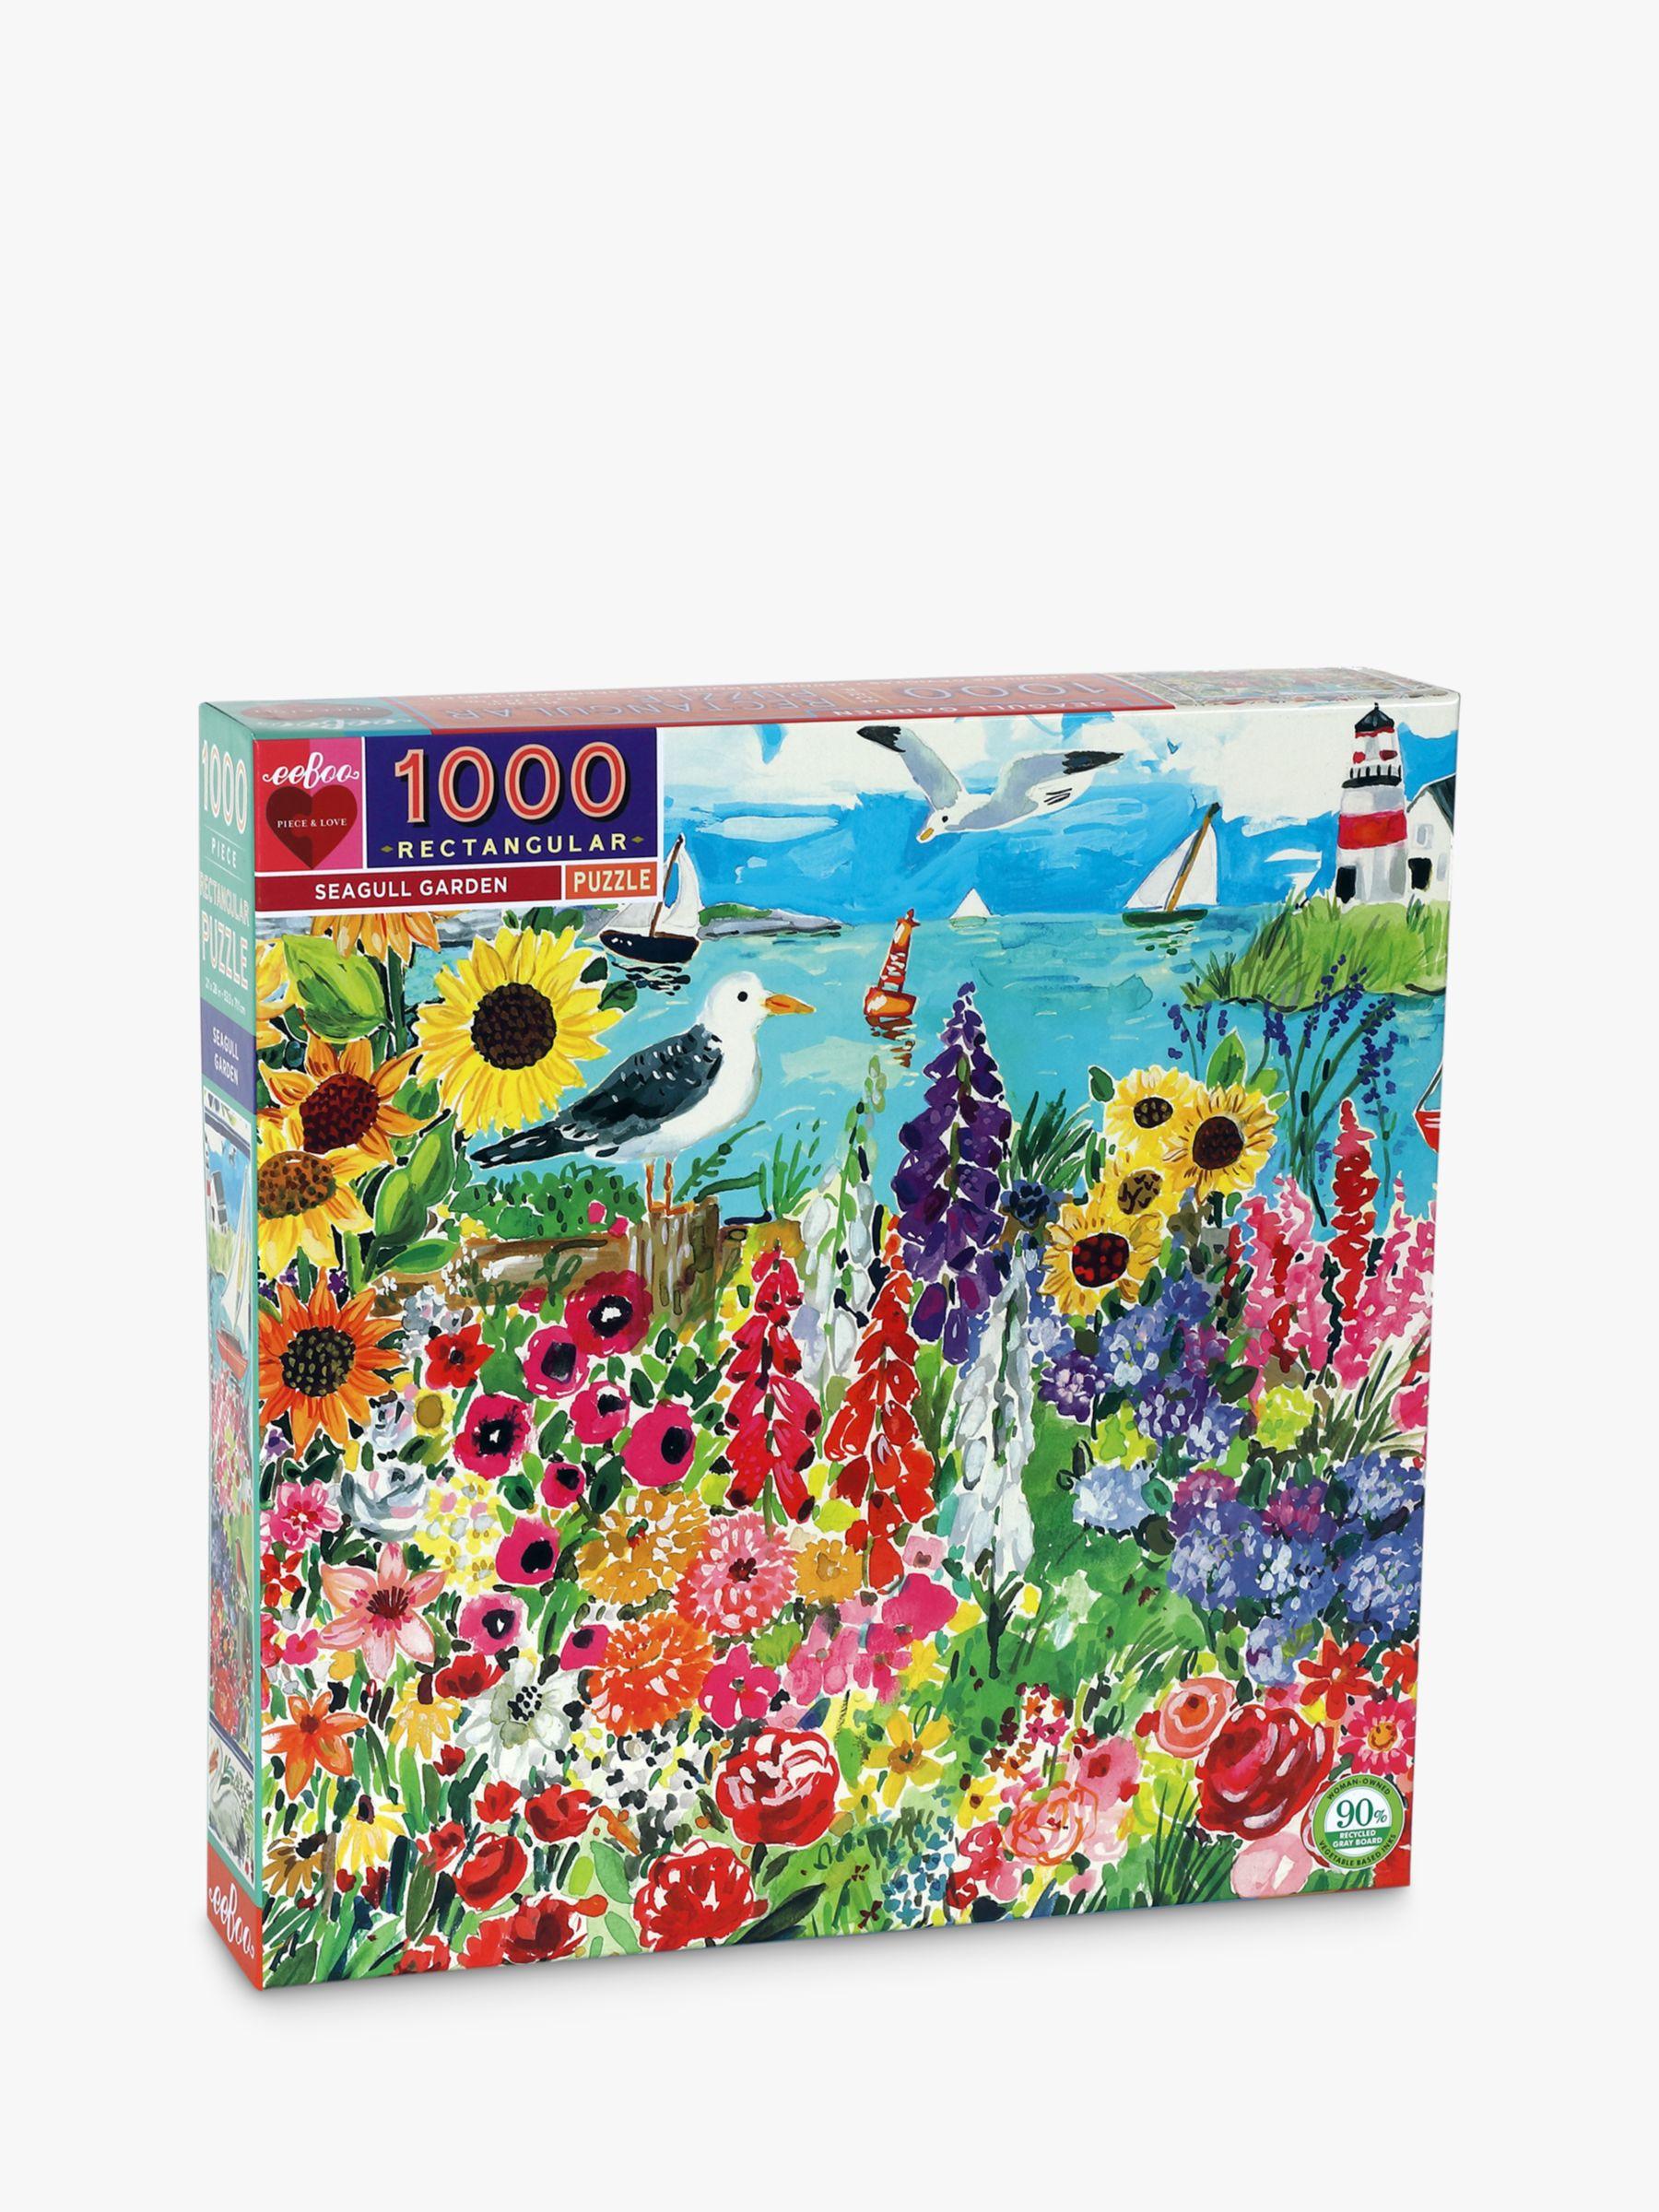 Eeboo eeBoo Seagull Garden Jigsaw Puzzle, 1000 Pieces